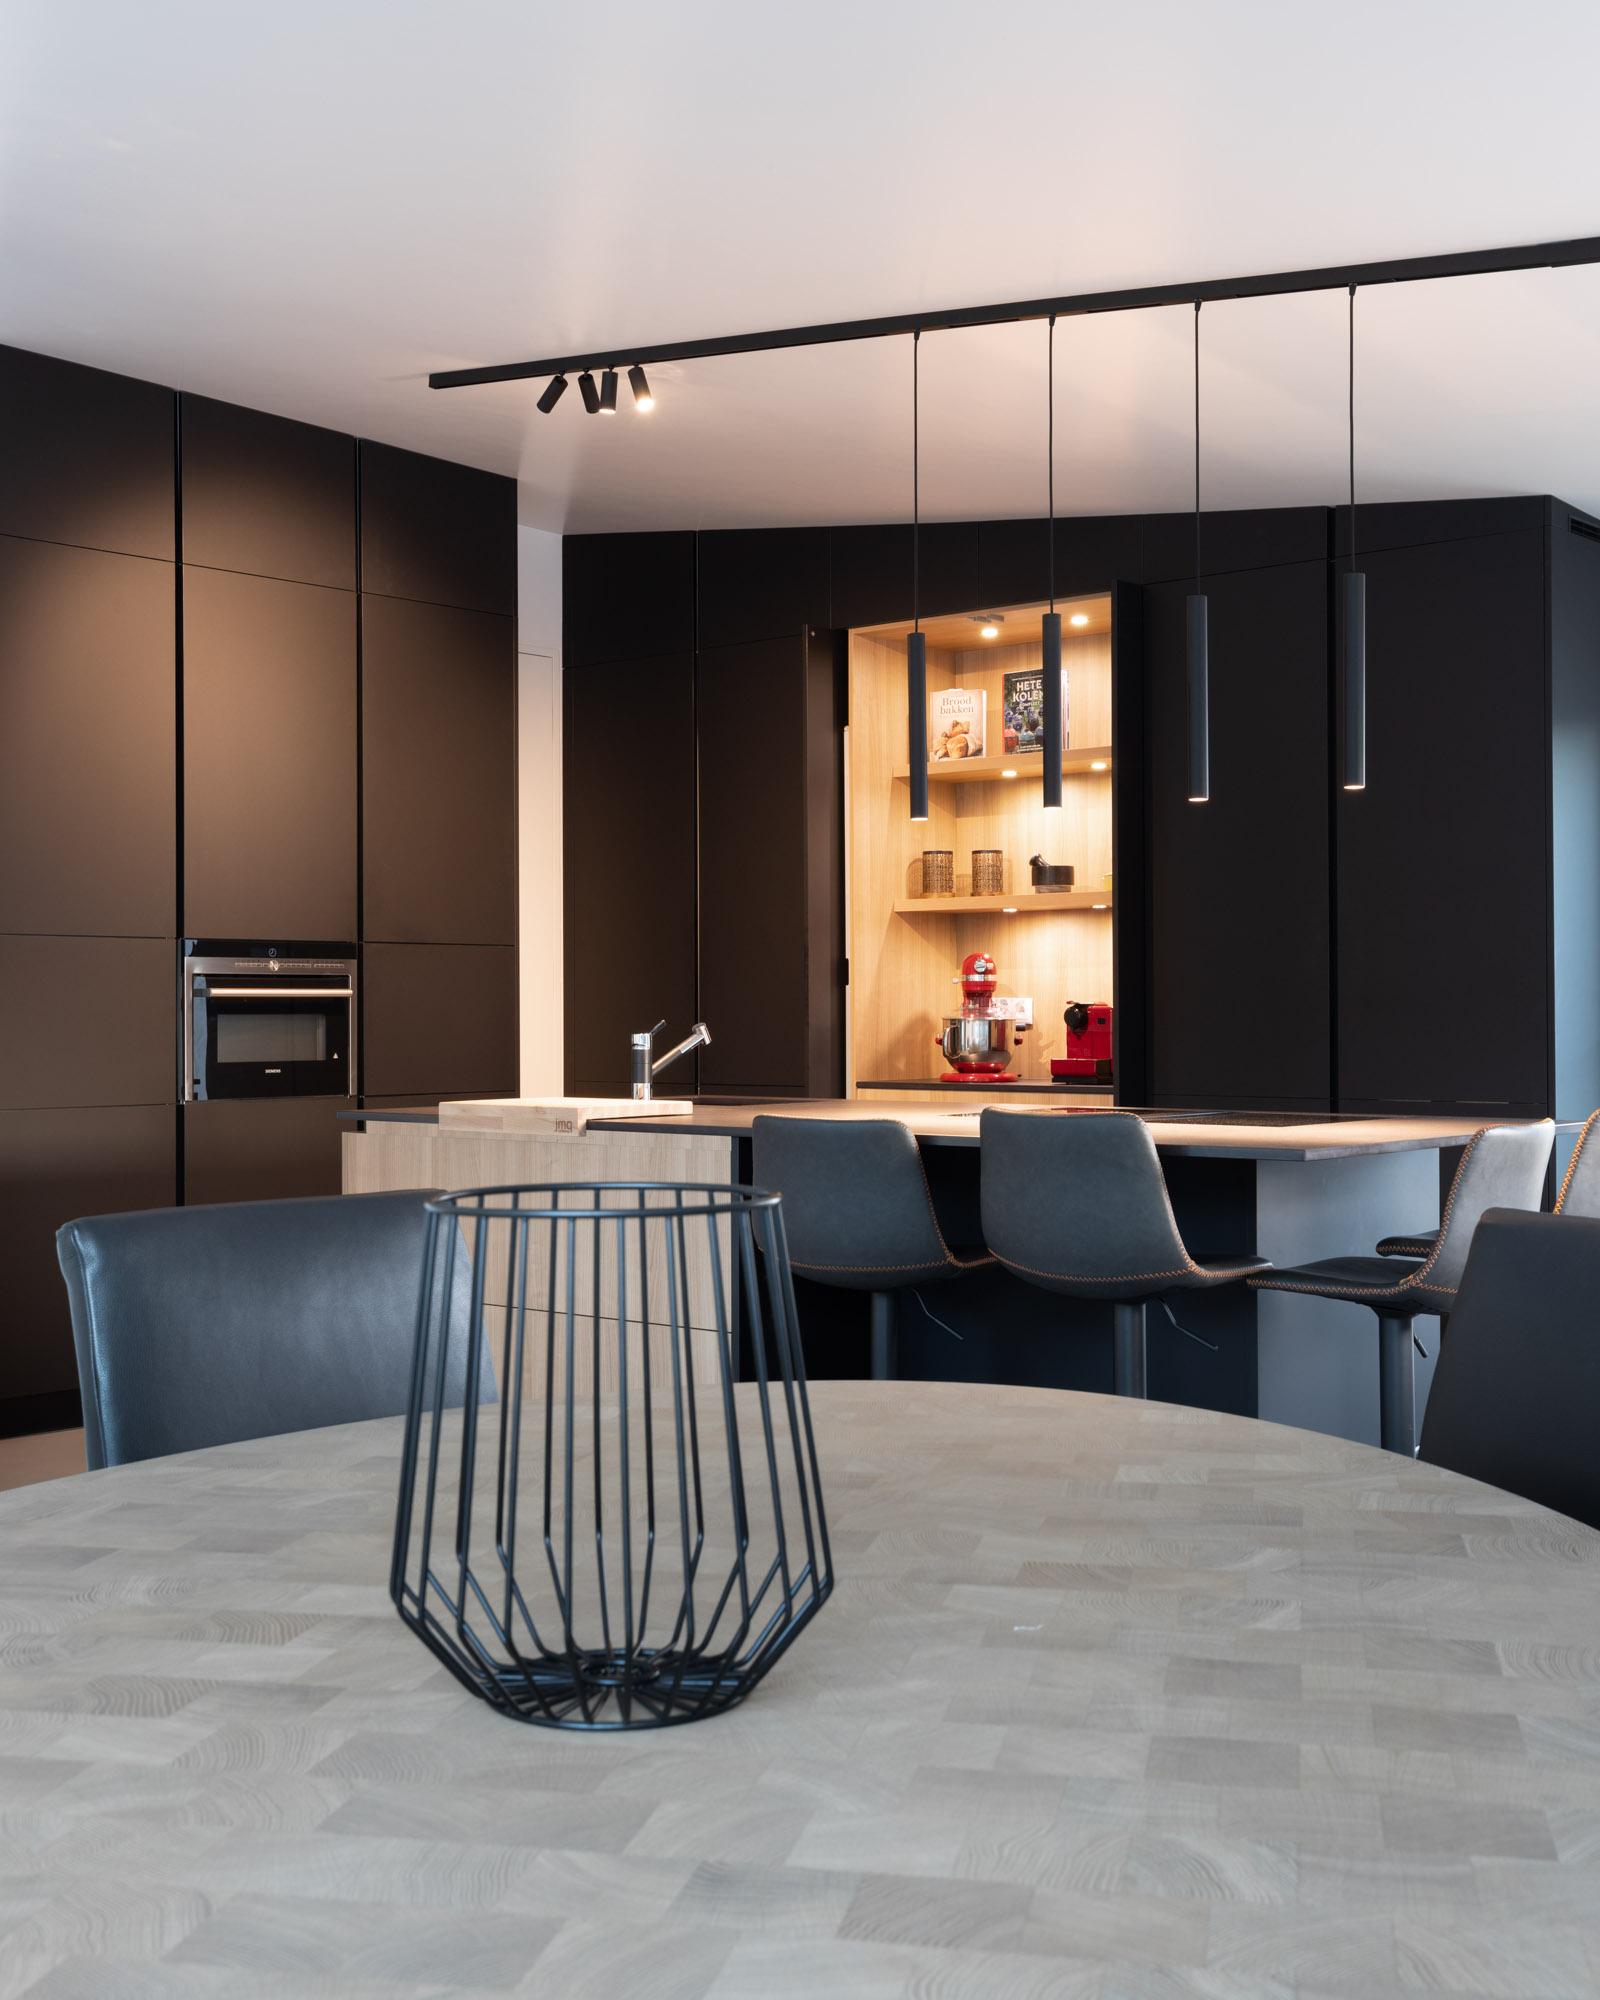 Cozinha JMQ com frentes em Fénix preto, bancada em Dekton Sirius e BORA Profissional All Black